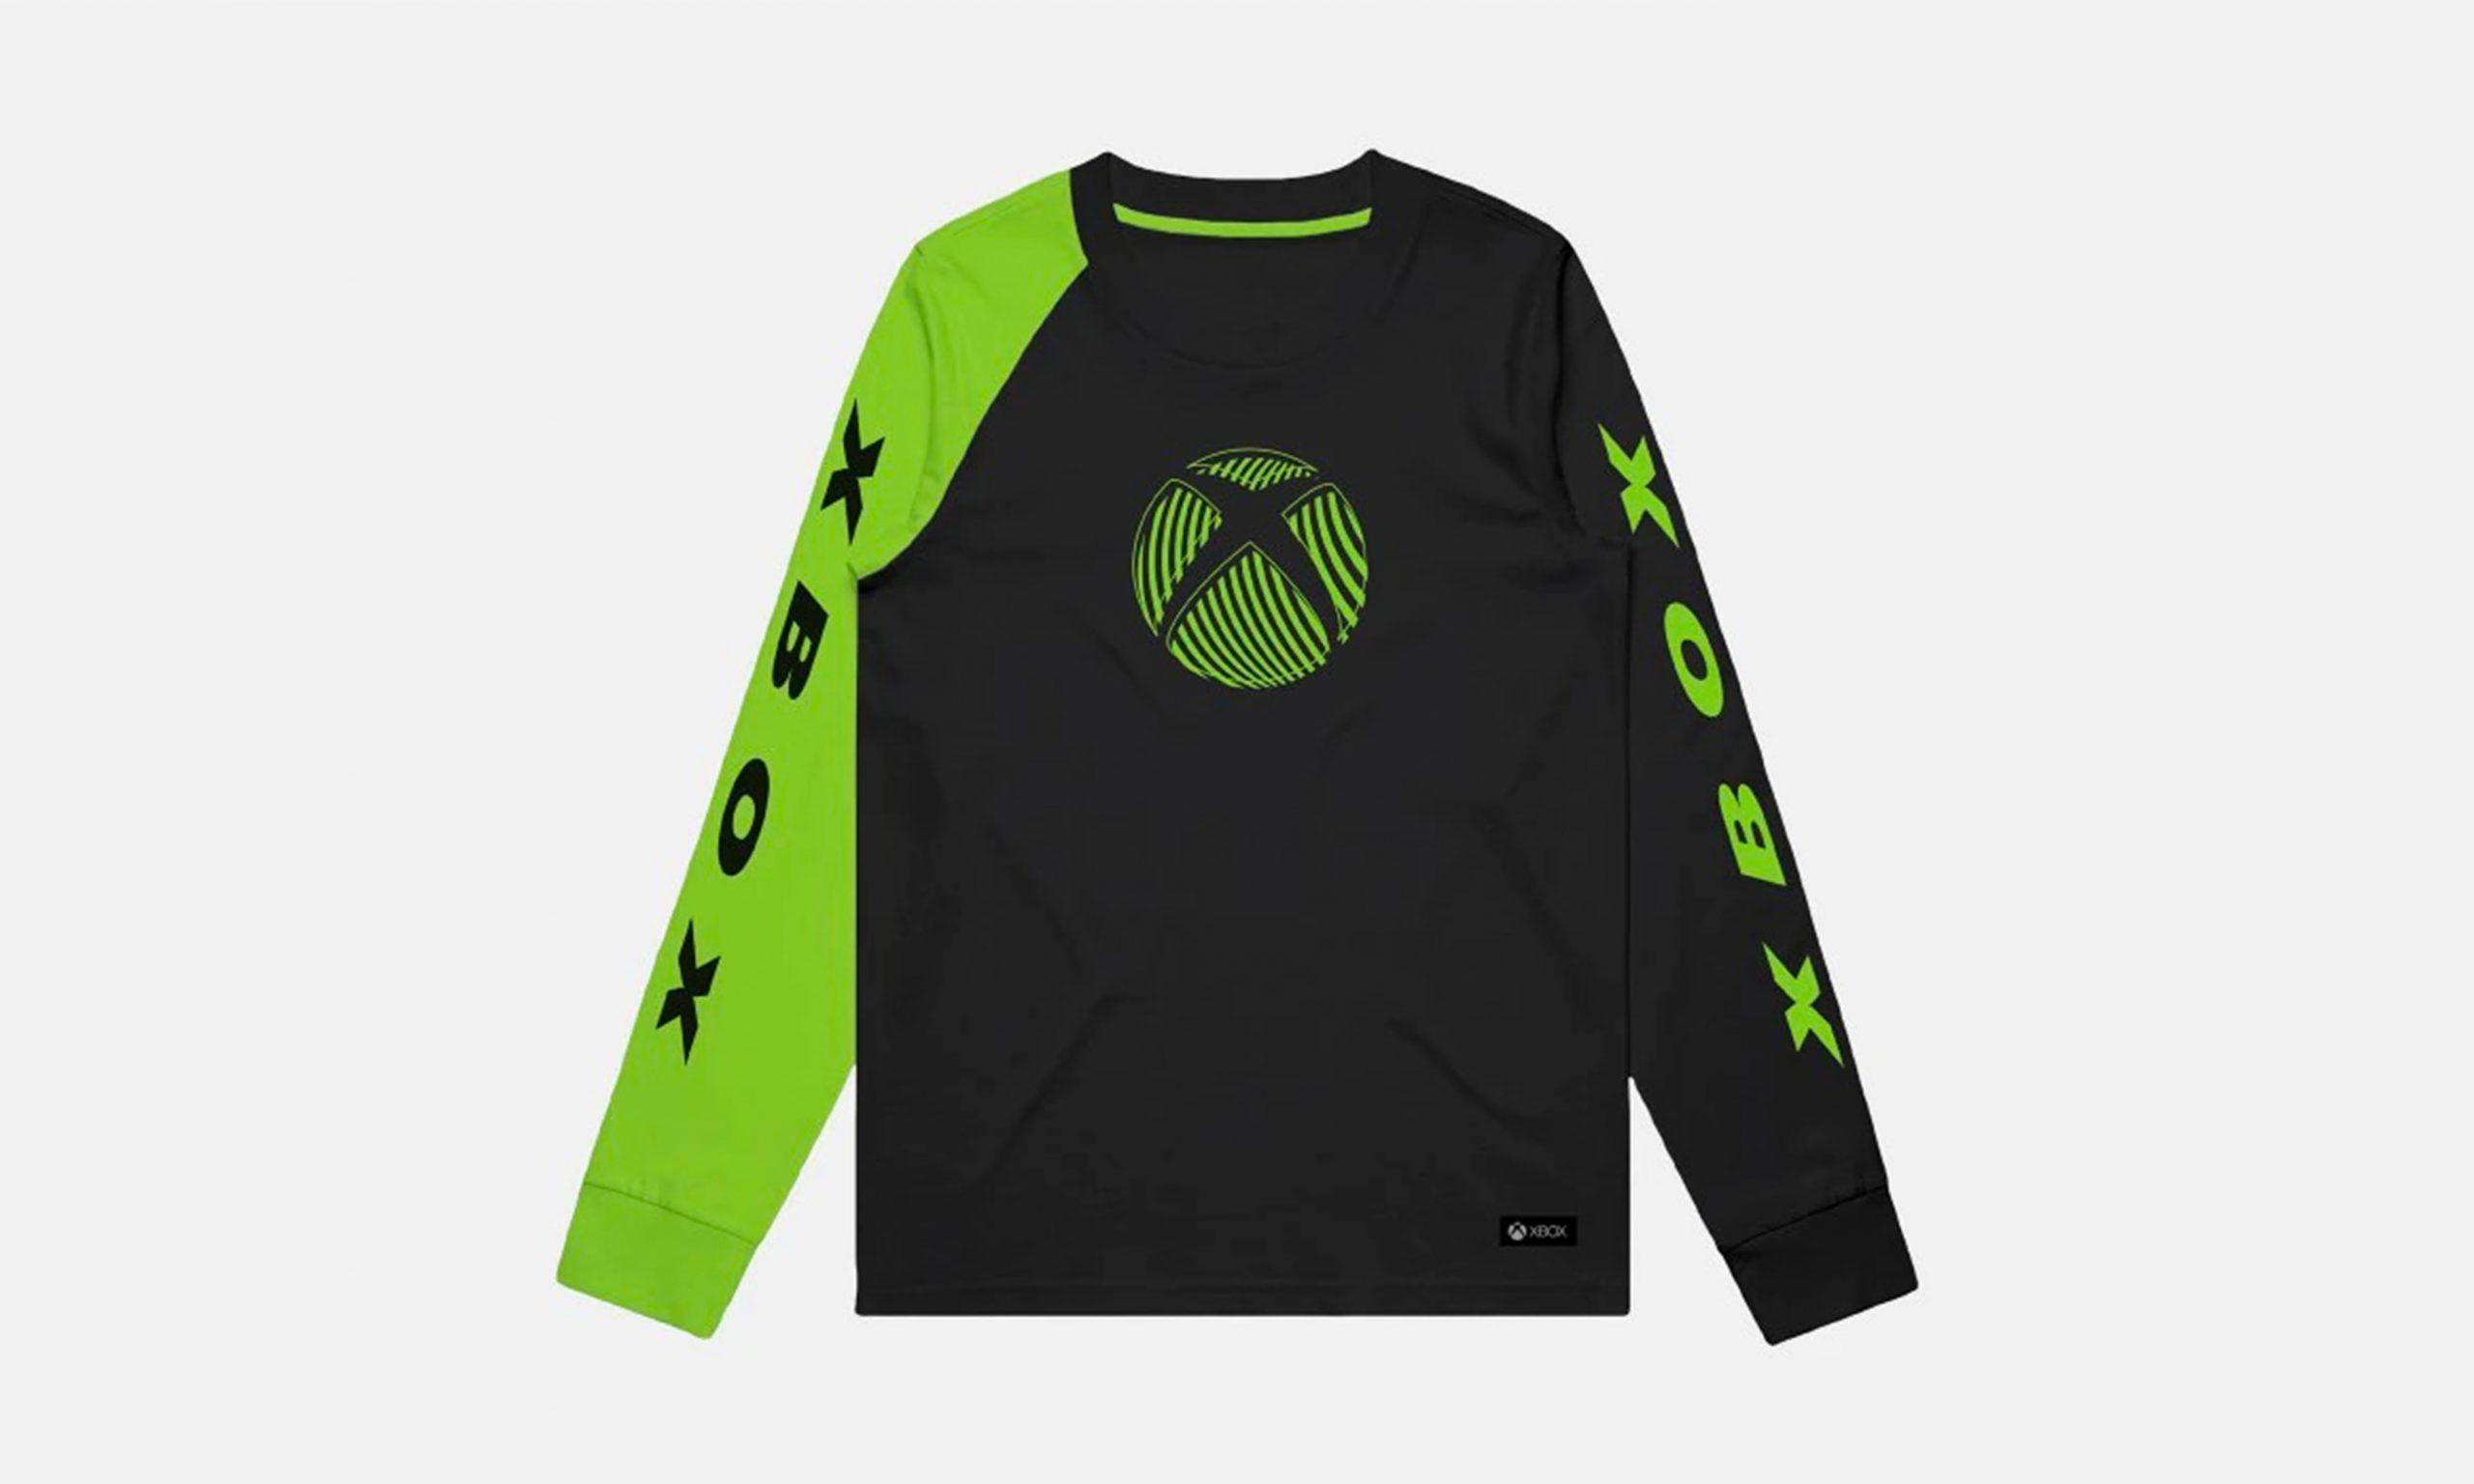 微软商城上架全新 Xbox 主题服饰及周边